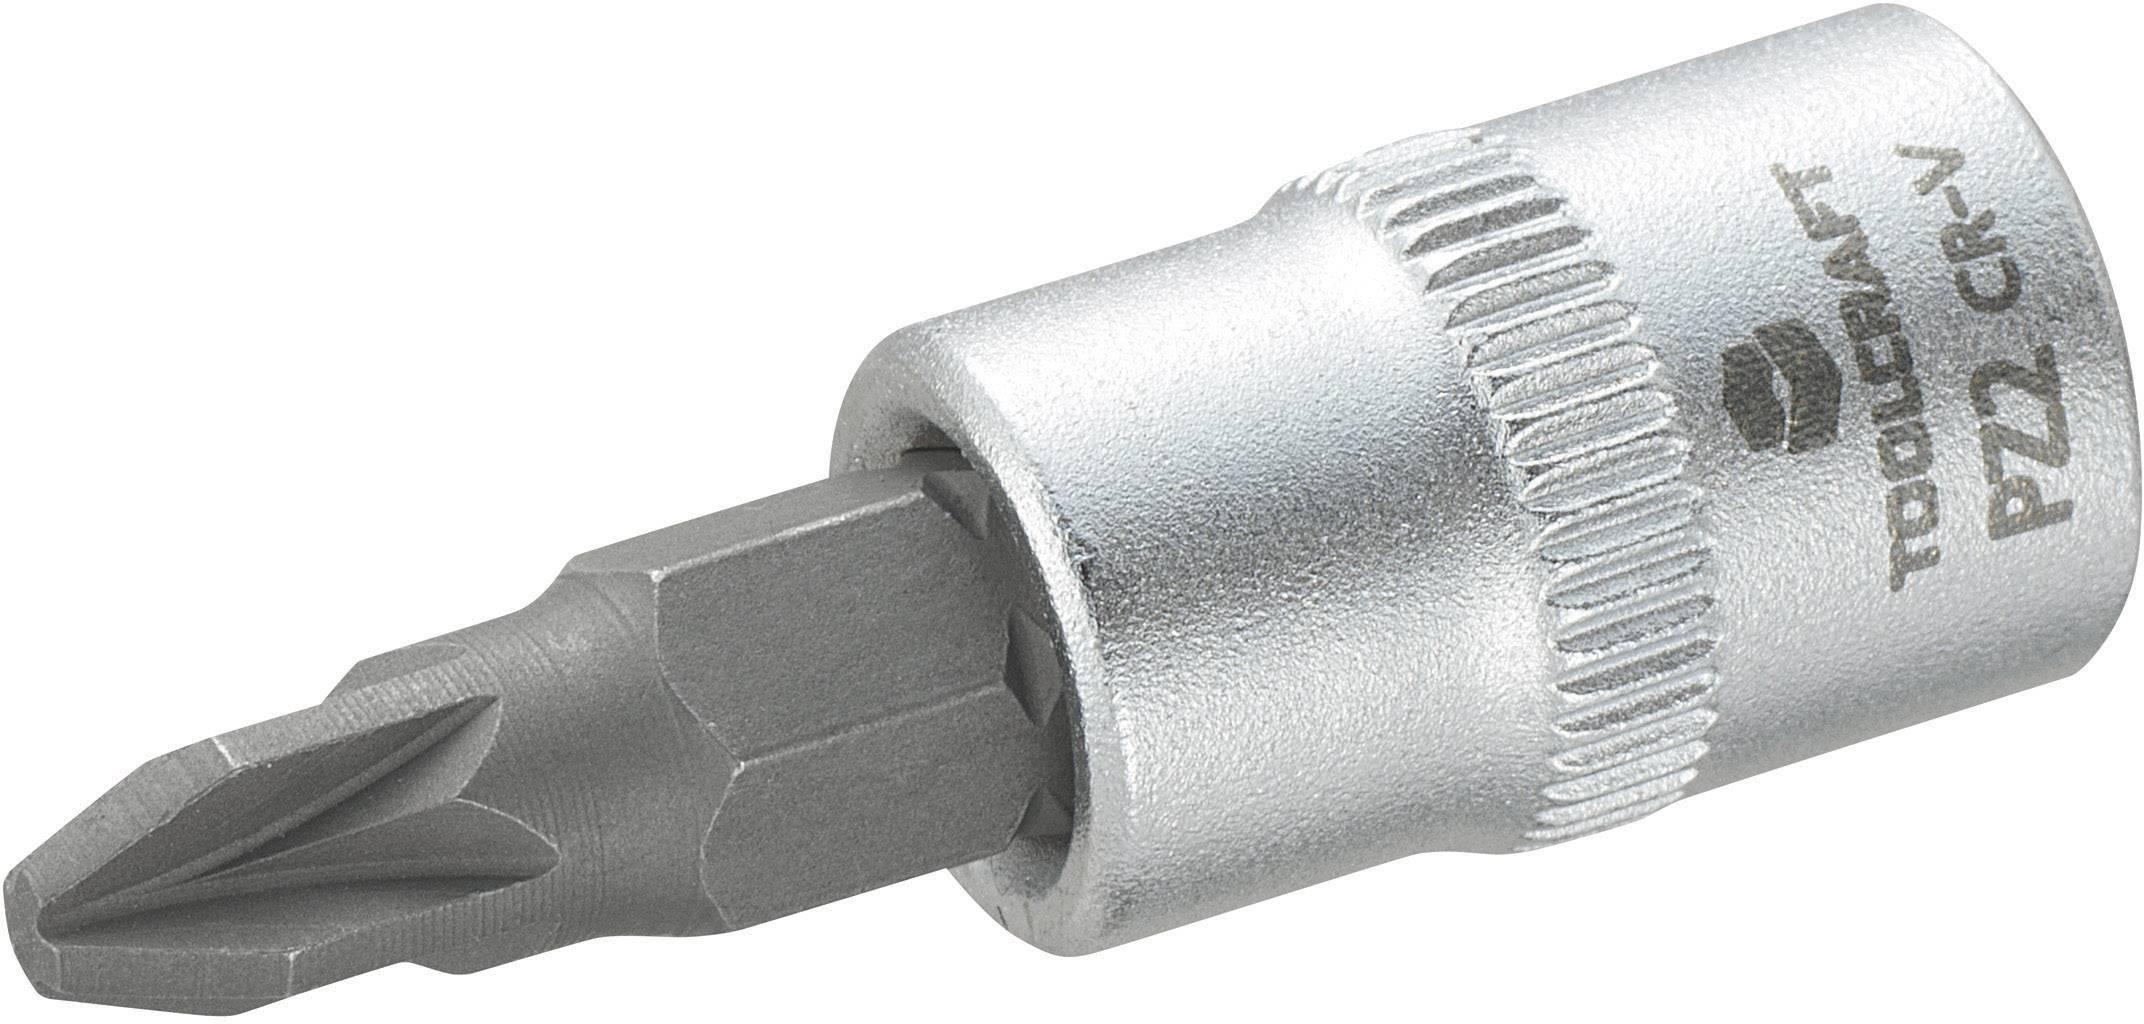 """Násada nástrčného klíče s křížovým bitem PZ2, Toolcraft, 6,3 mm (1/4"""")"""